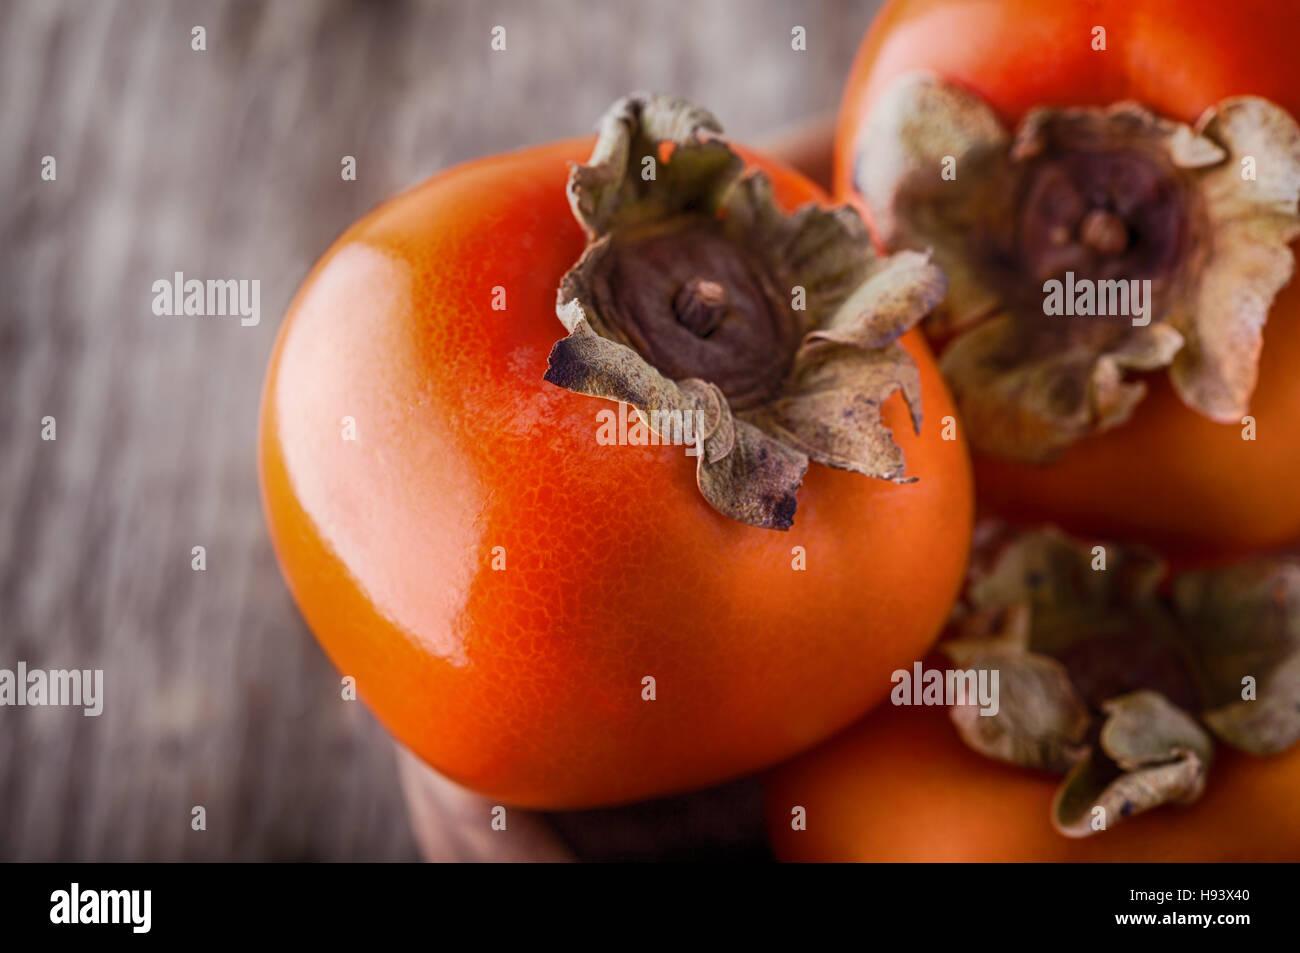 Caqui naranja fresco sobre una mesa de madera. Imagen De Stock